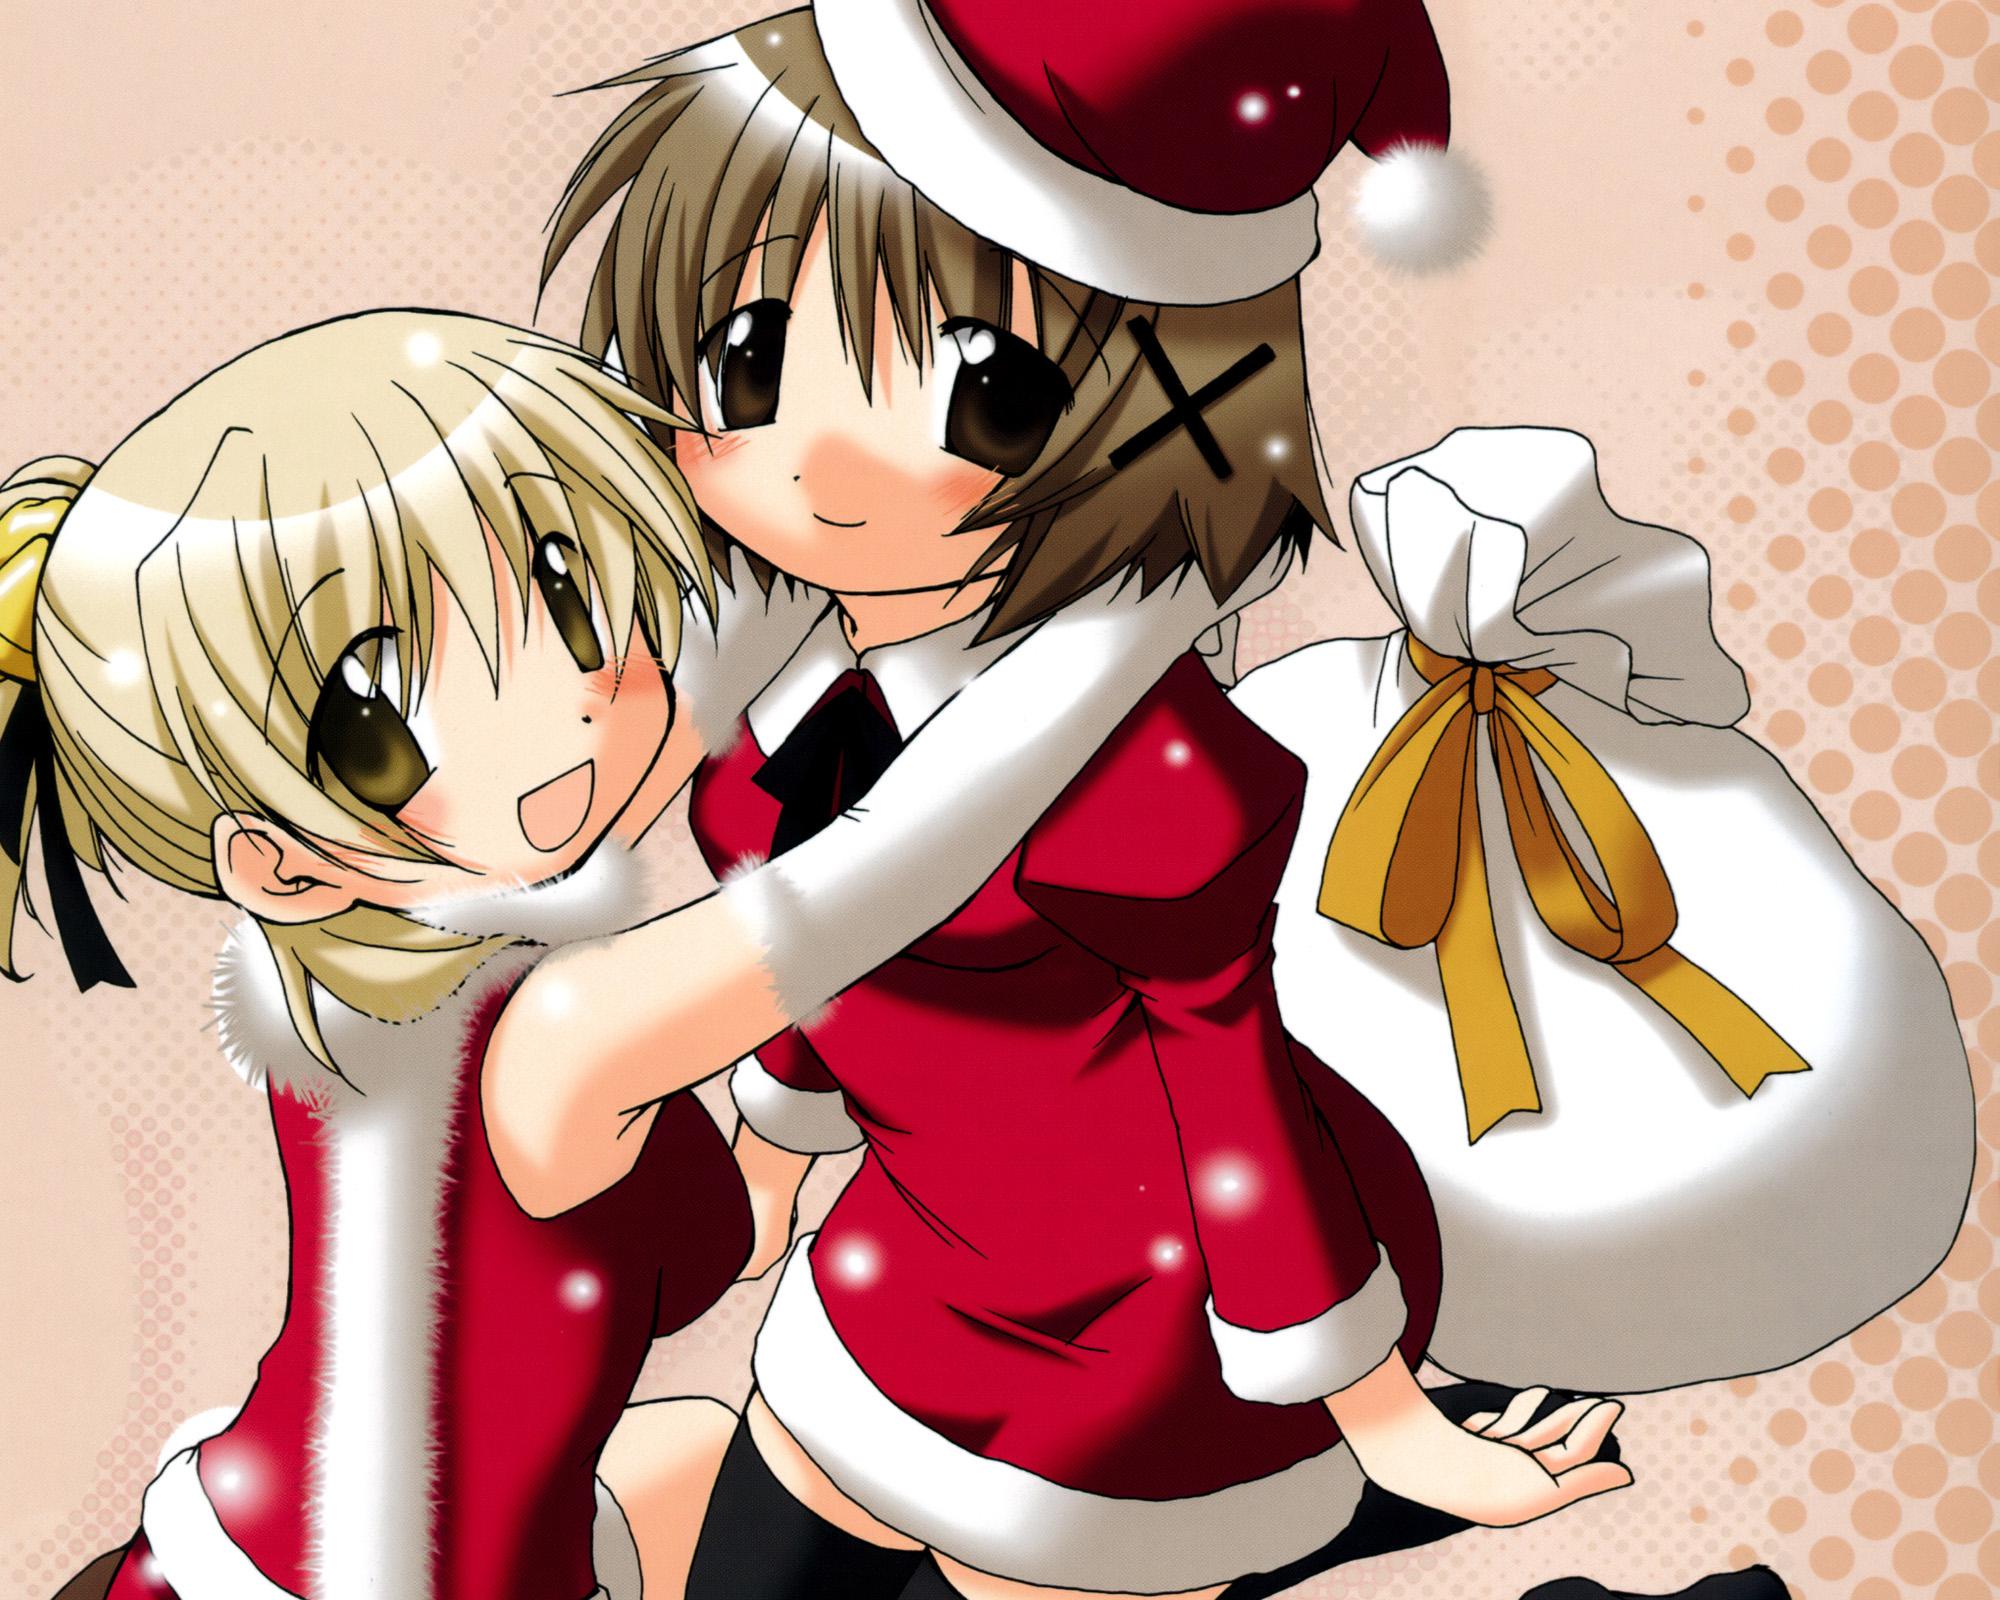 Christmas hidamari sketch miyako ume aoki yuno konachan - Sketch anime wallpaper ...